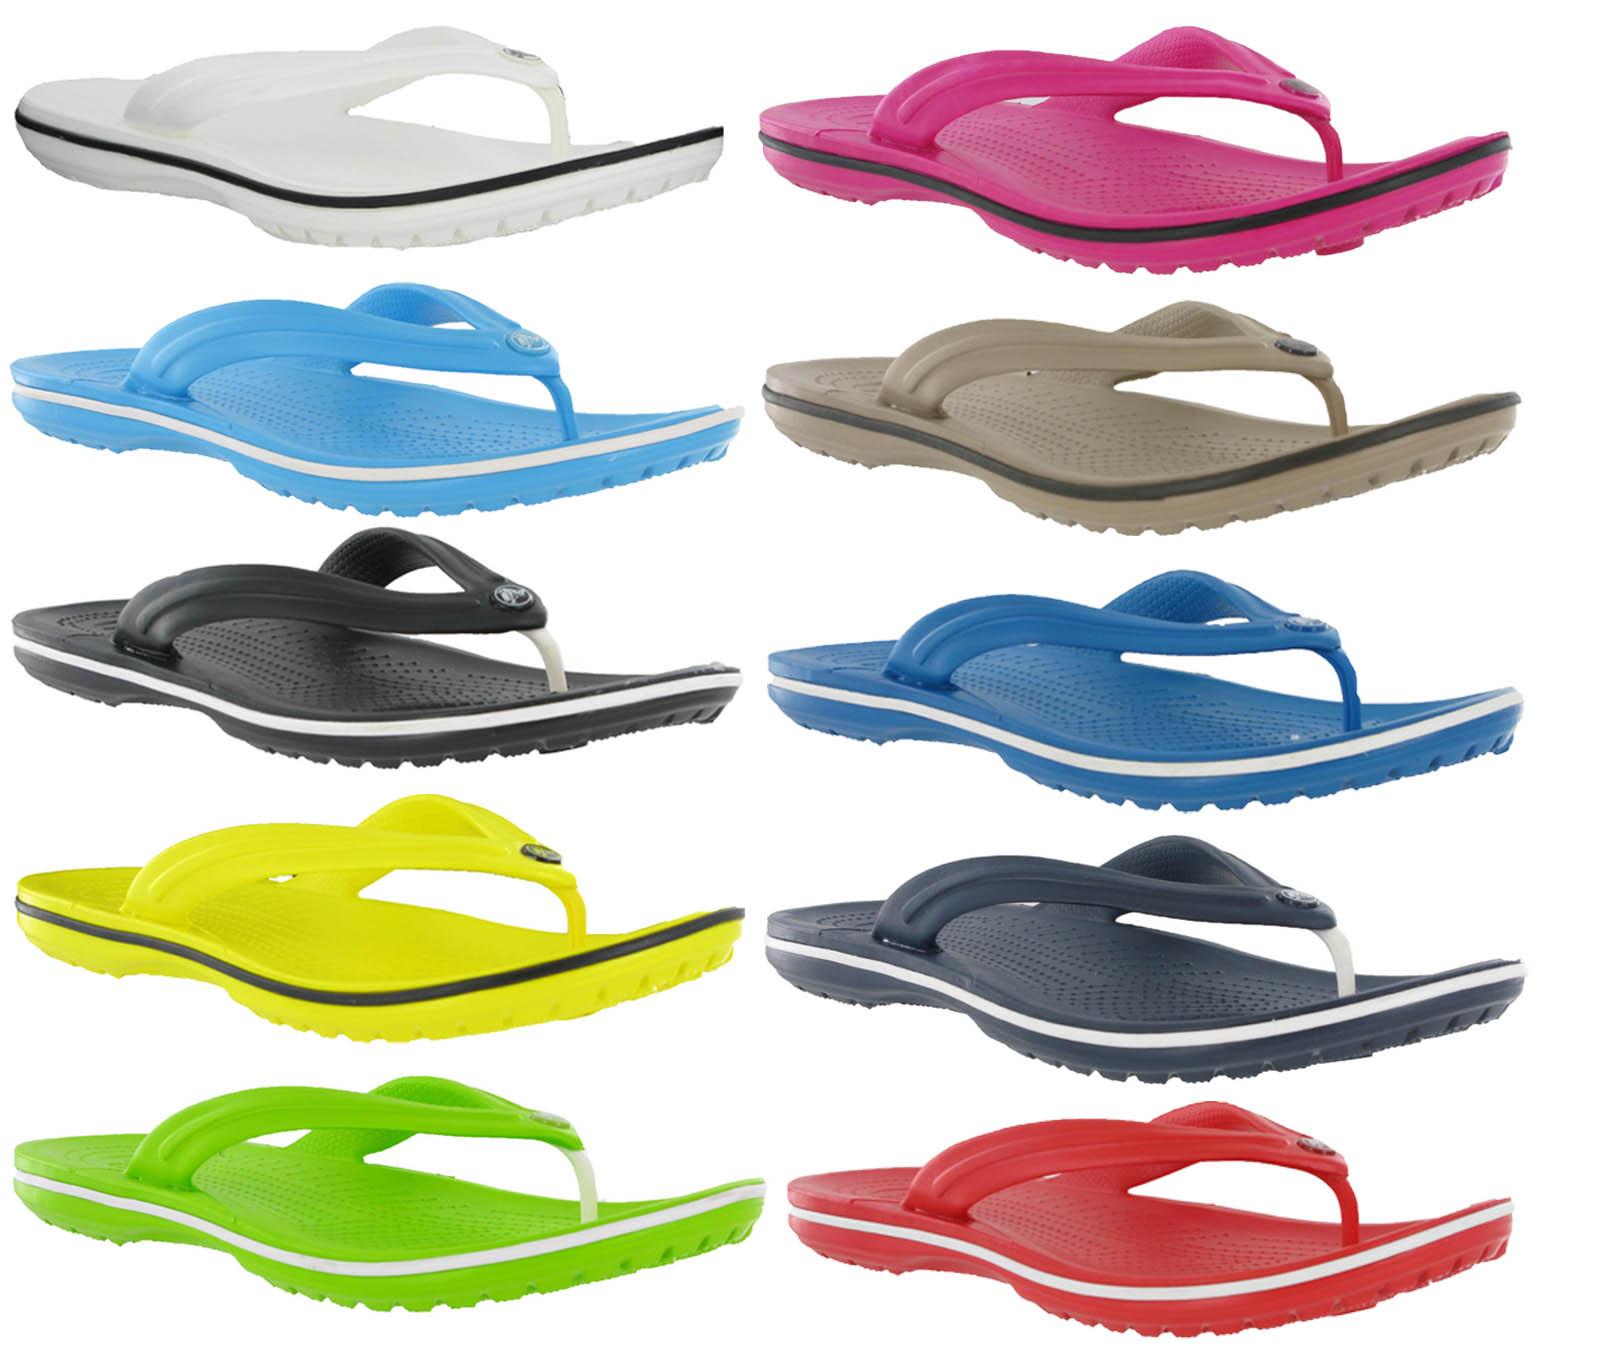 new genuine crocs unisex crocband flip flops lightweight comfort sandals 3 12 ebay. Black Bedroom Furniture Sets. Home Design Ideas